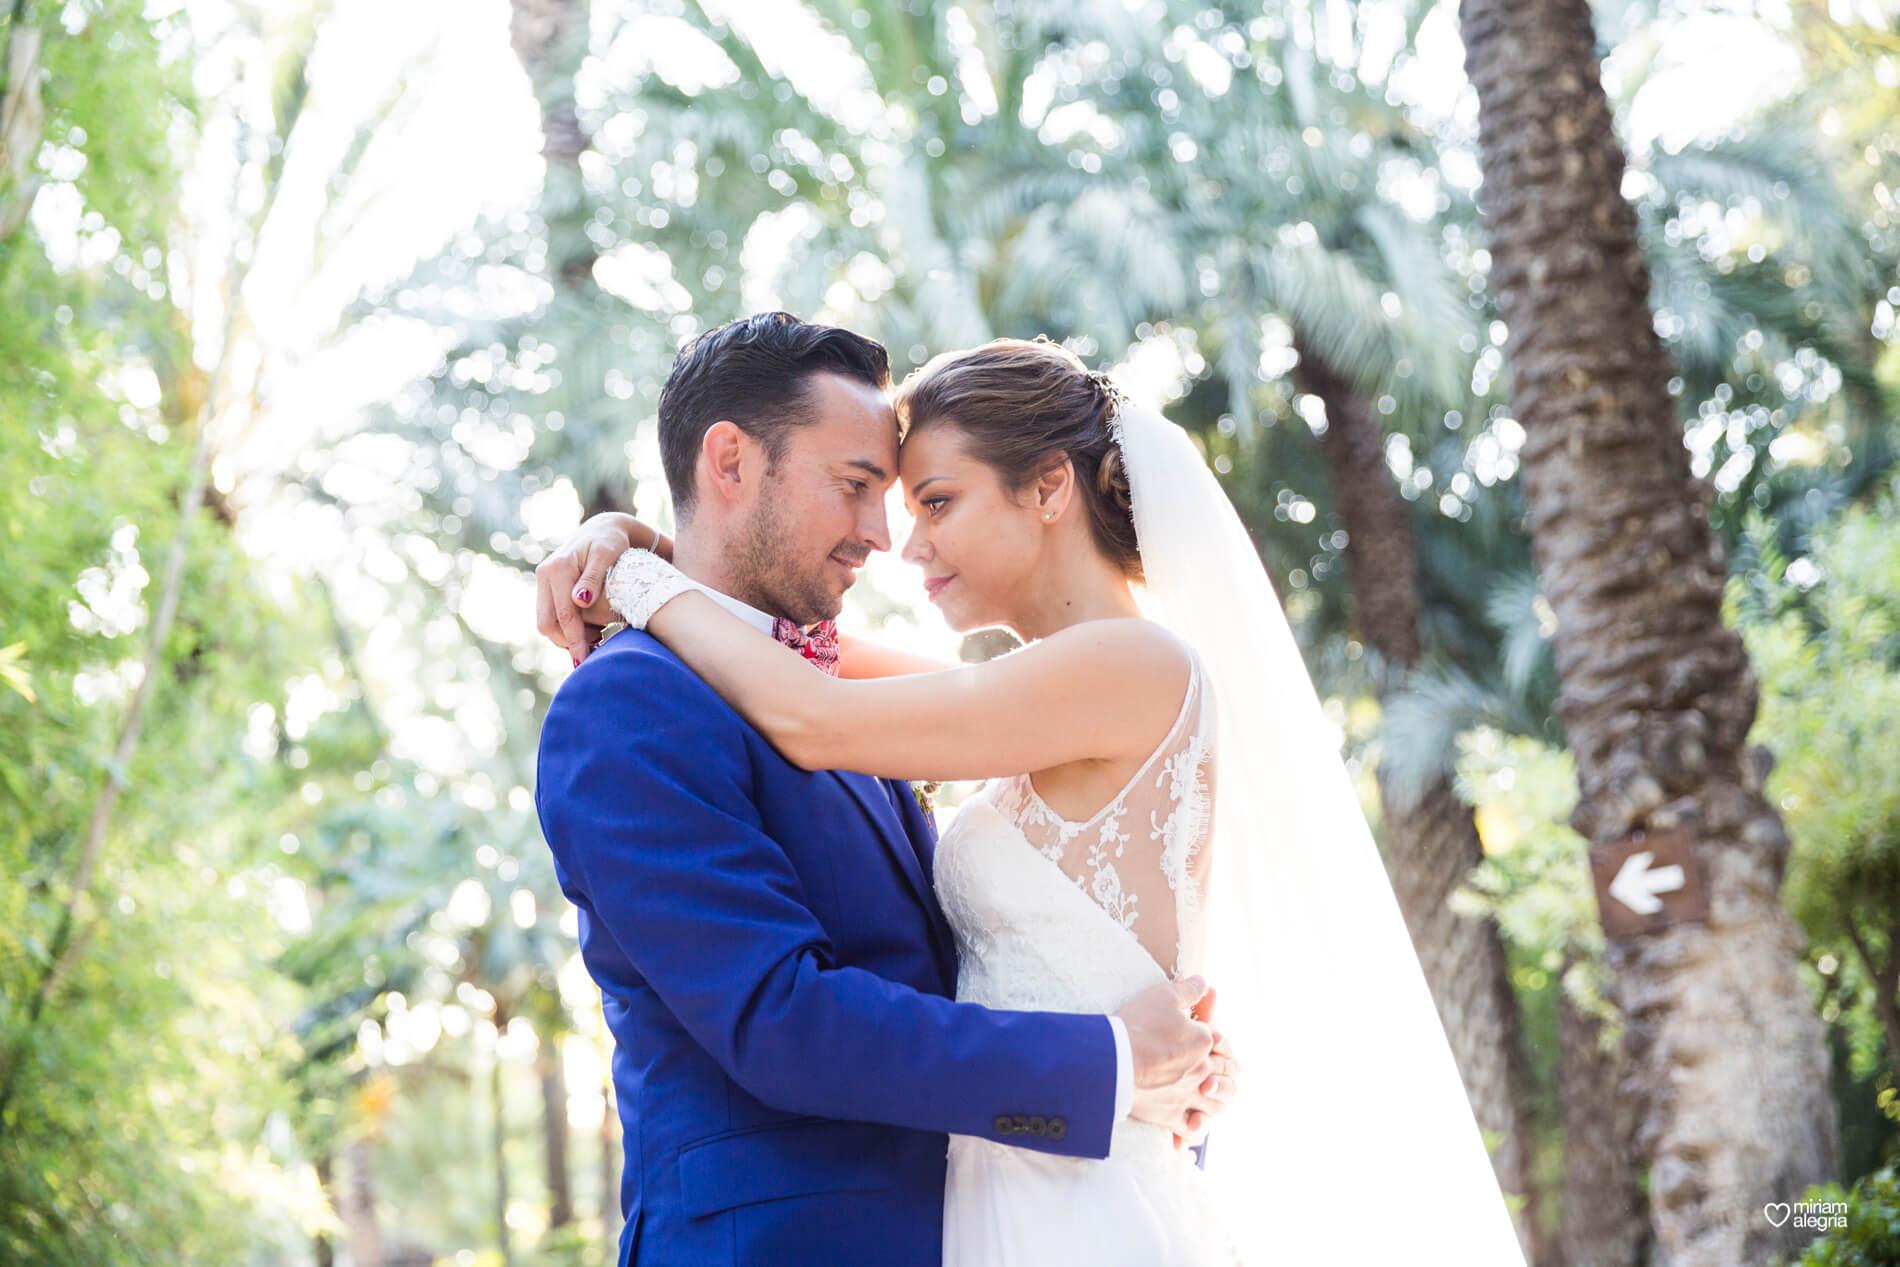 wedding-huerto-del-cura-elche-miriam-alegria-fotografos-boda-23